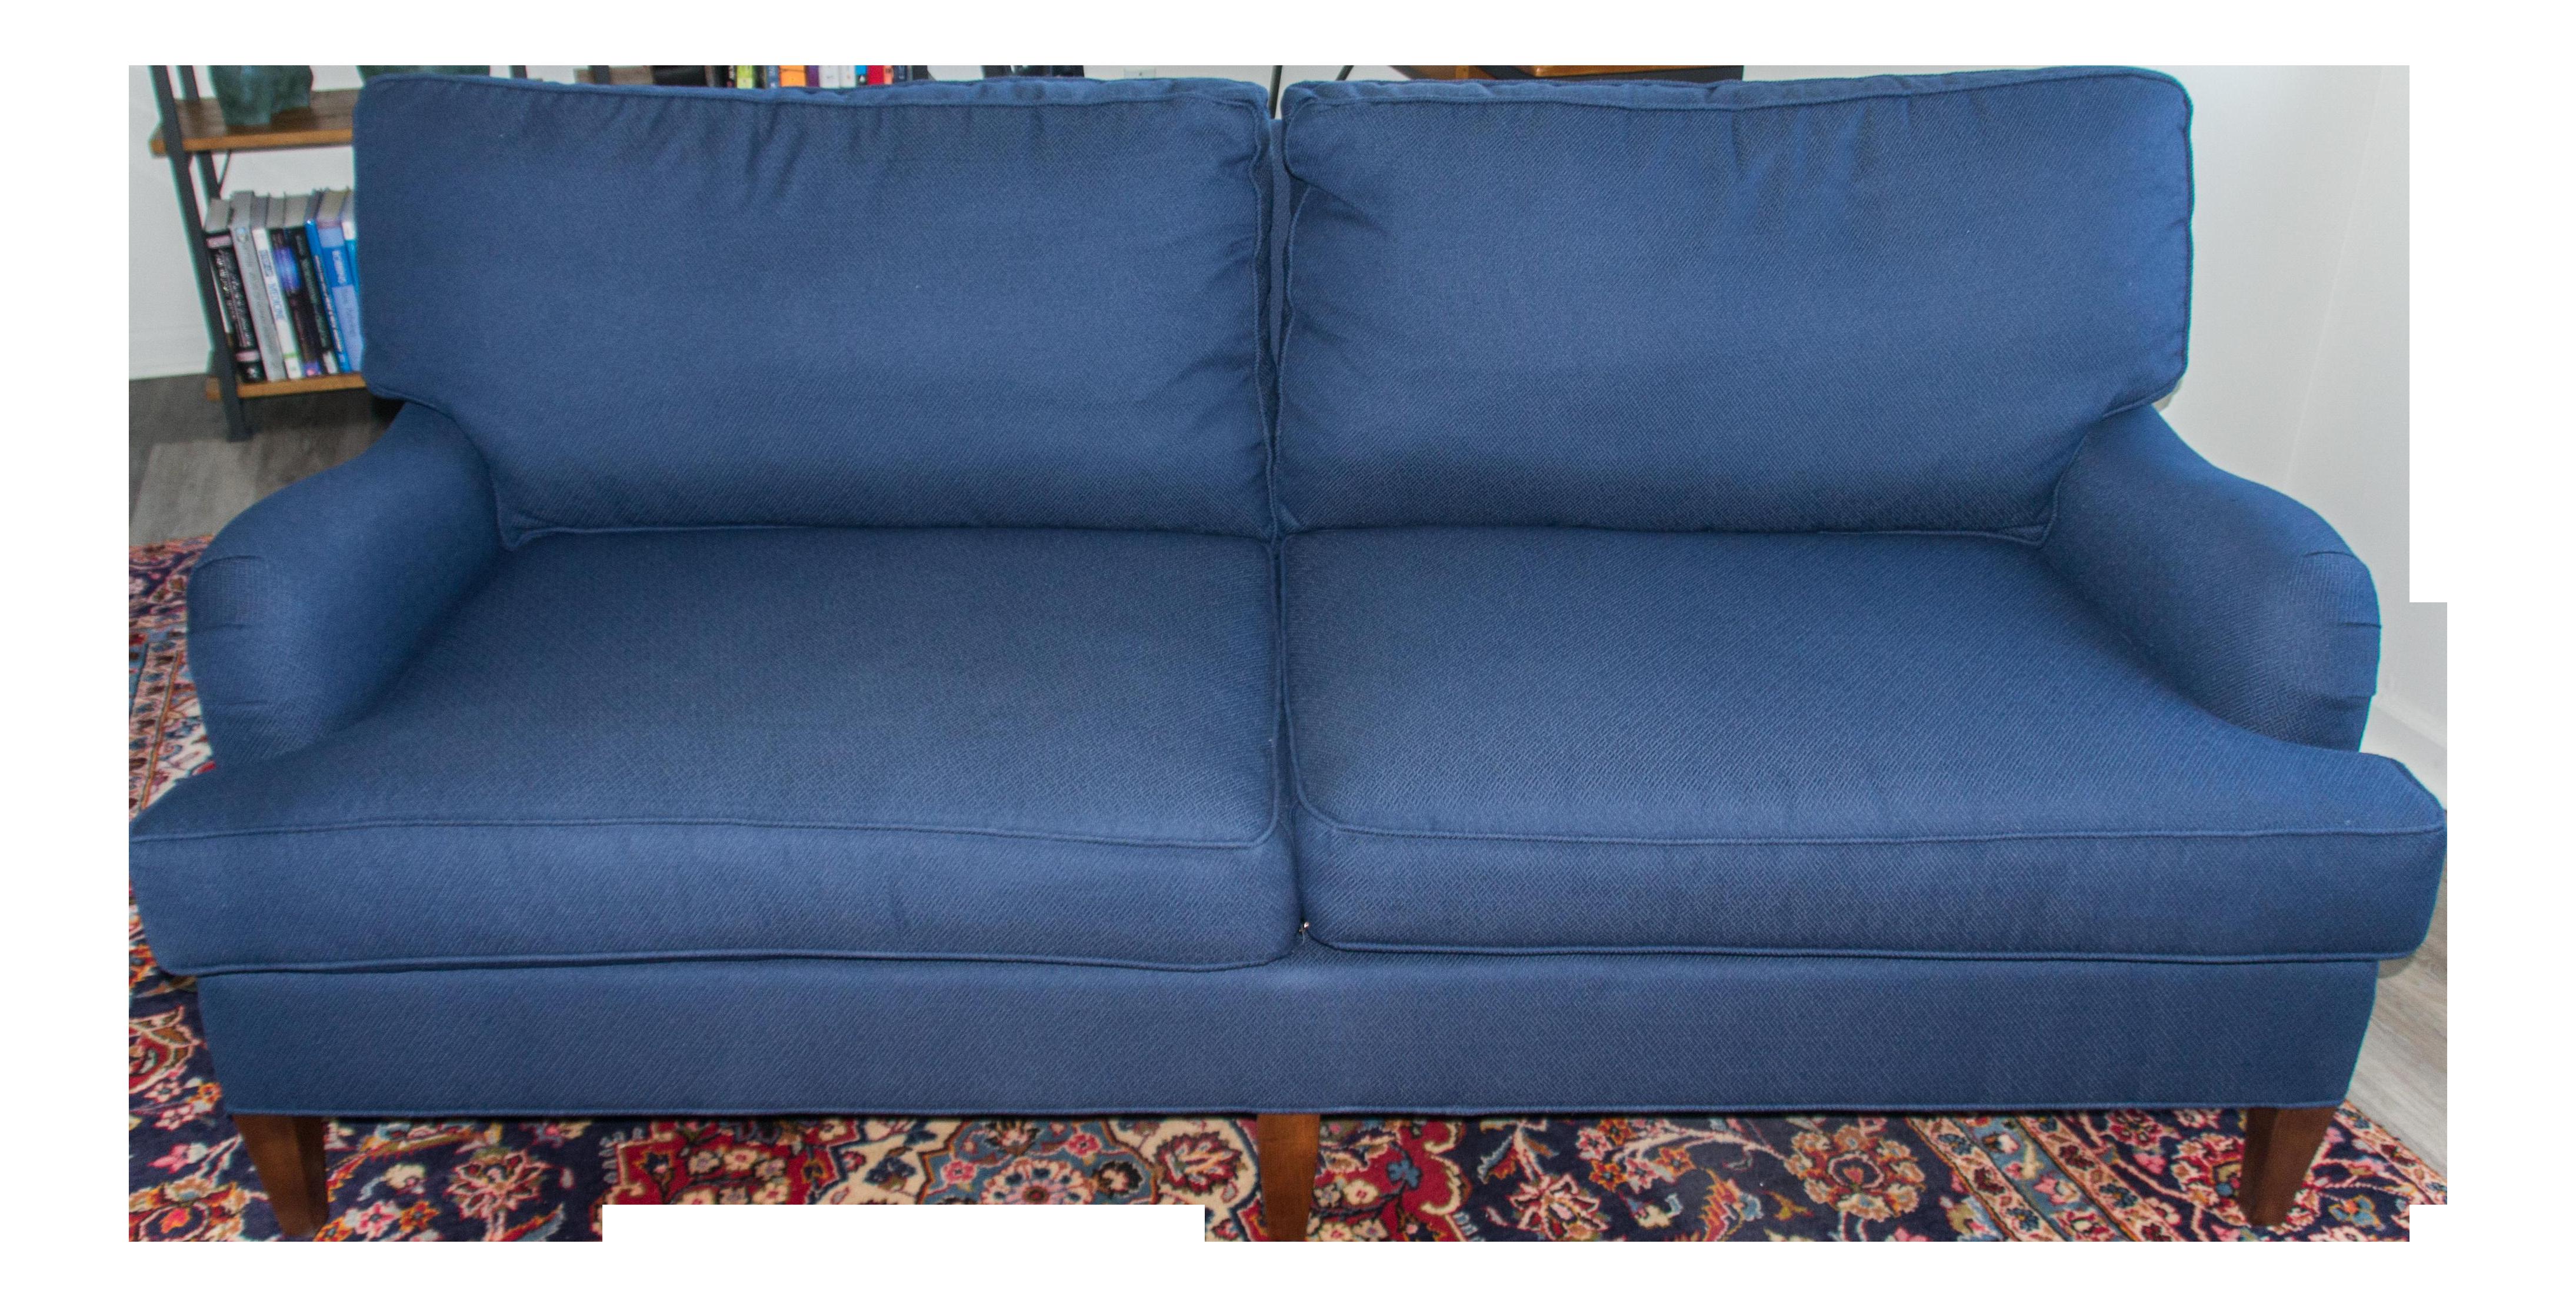 cr laine blue custom couch